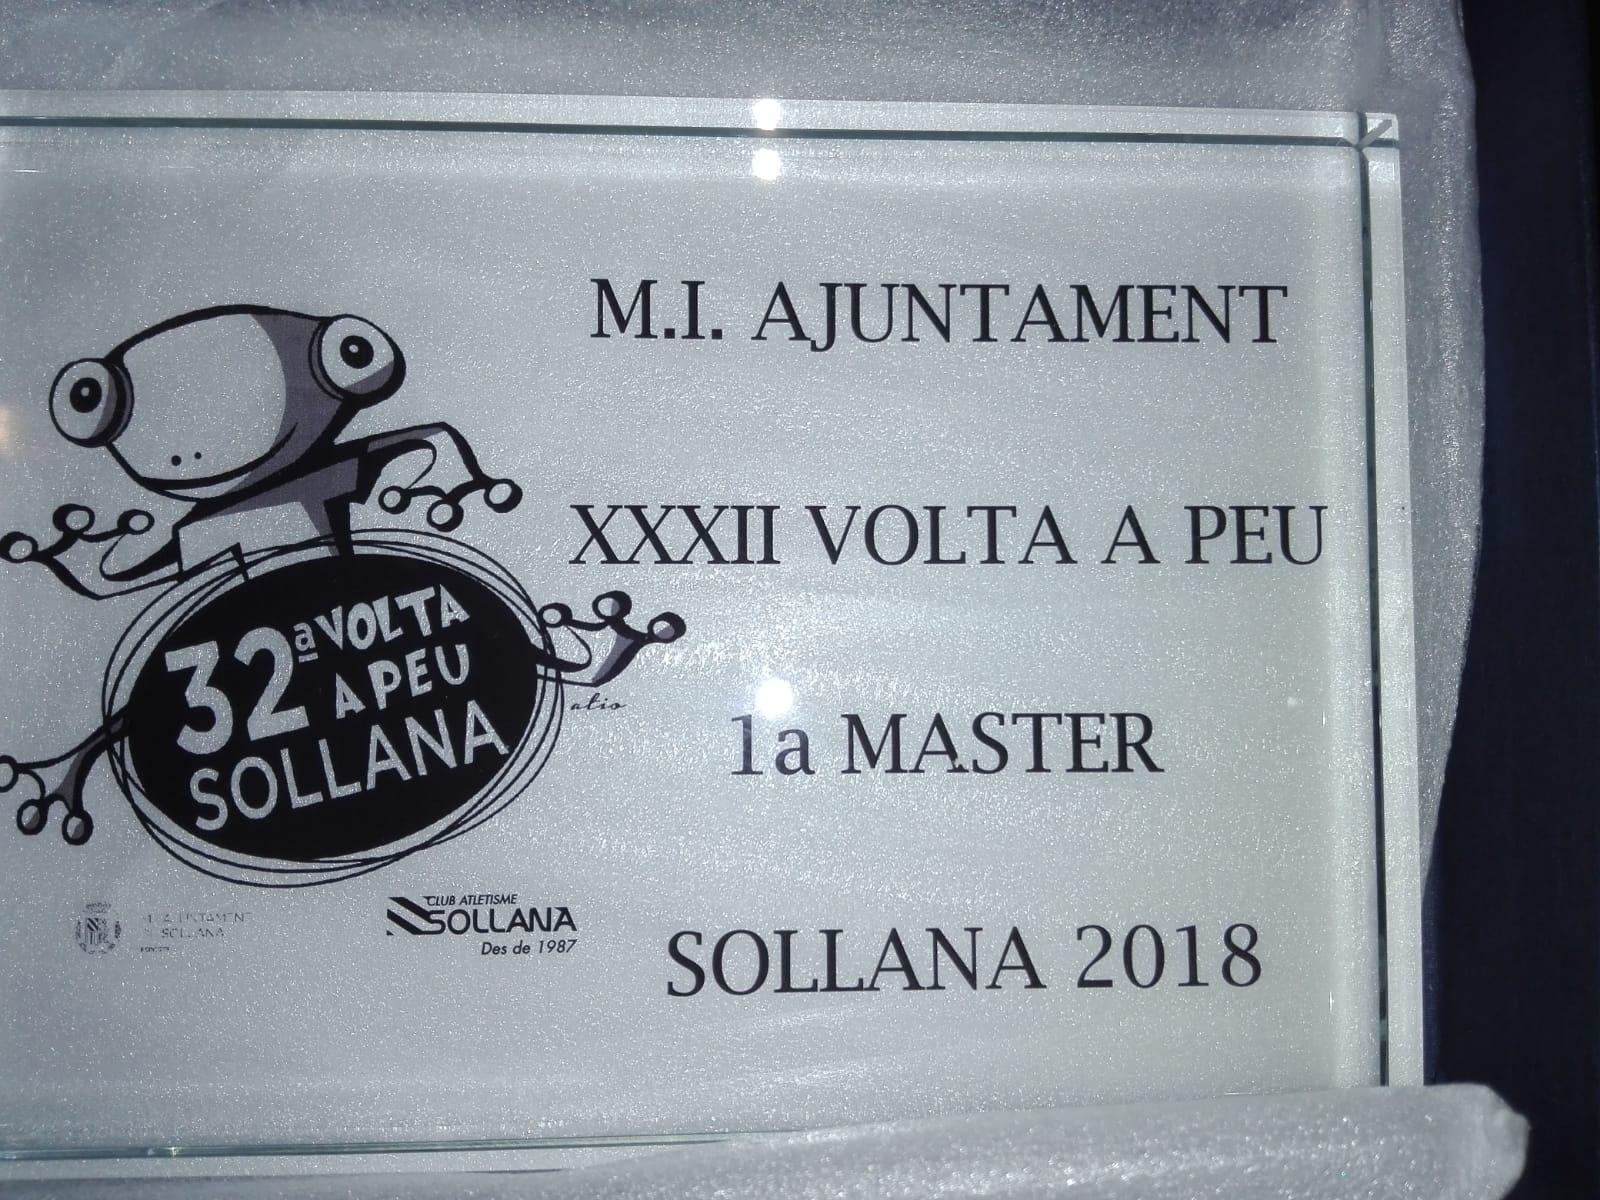 XXXII Volta a Peu a Sollana